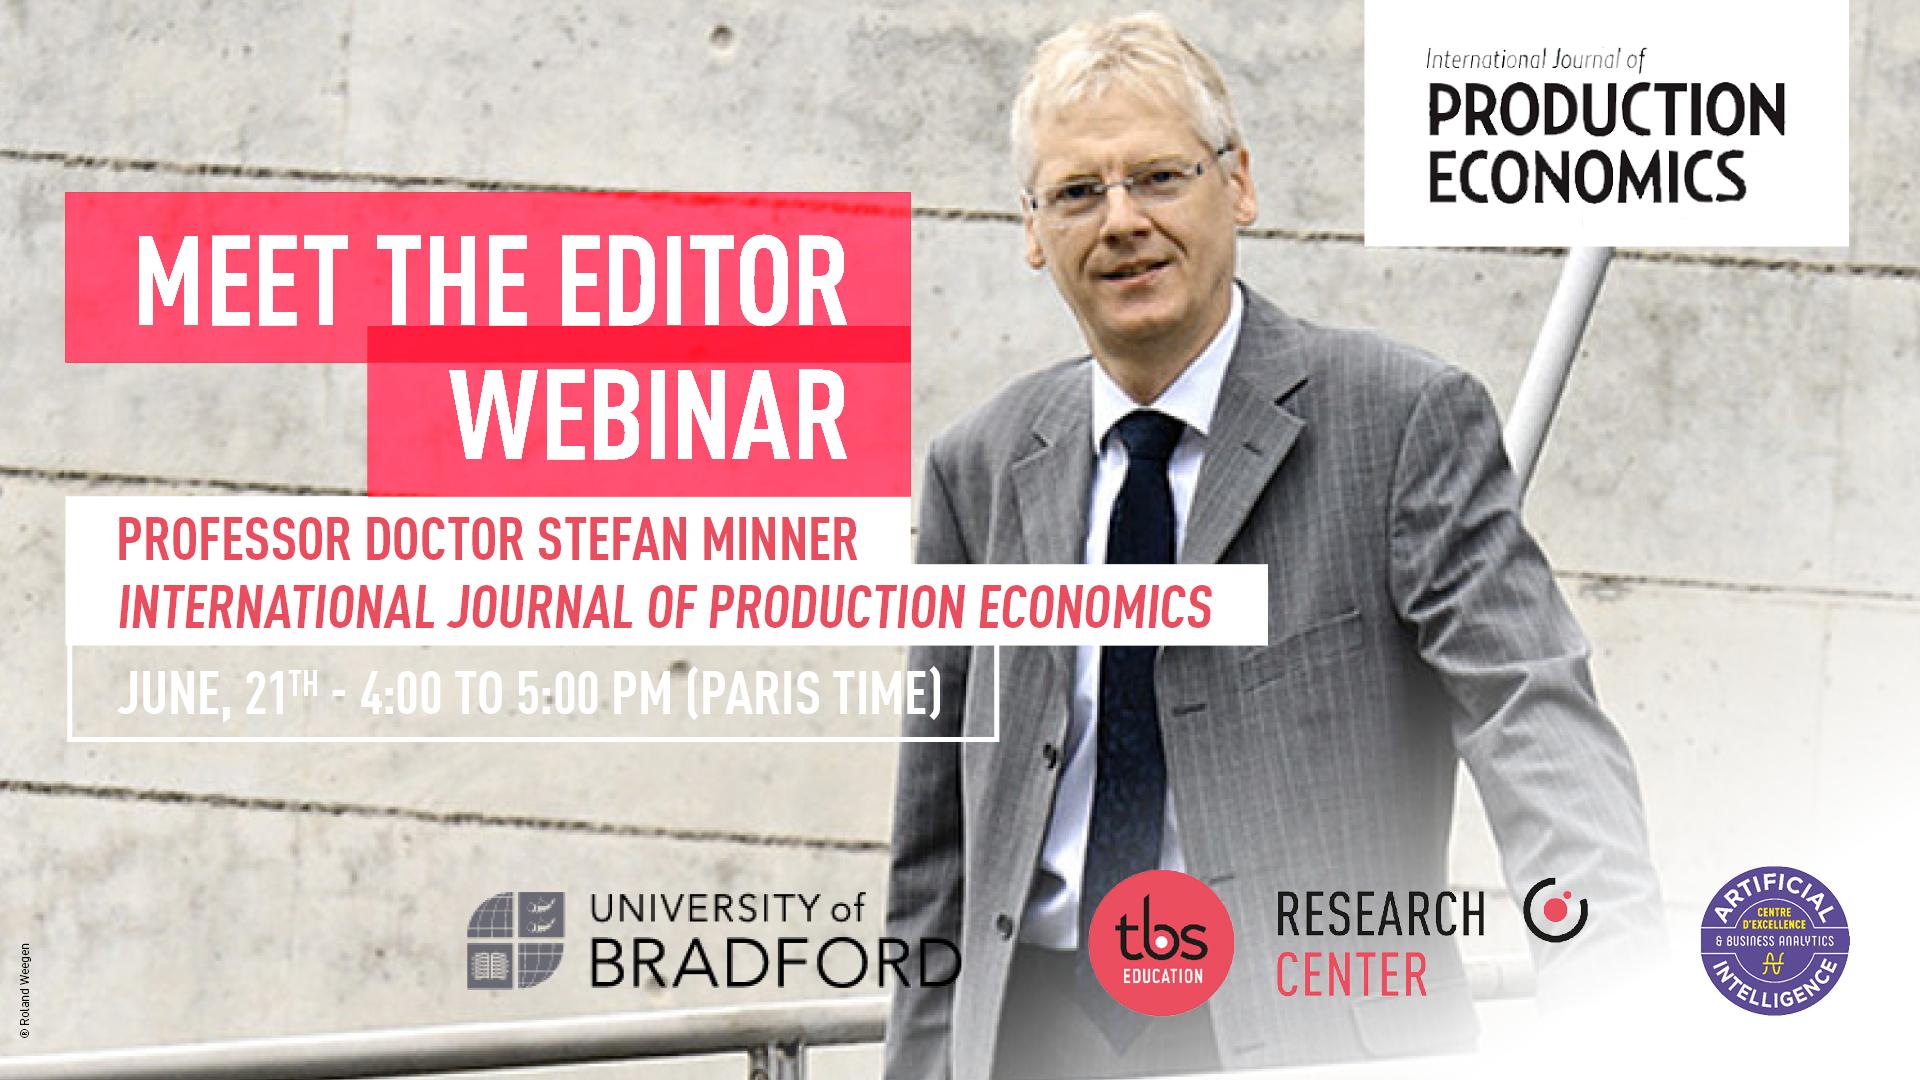 Stefan Minner Meet The Editor